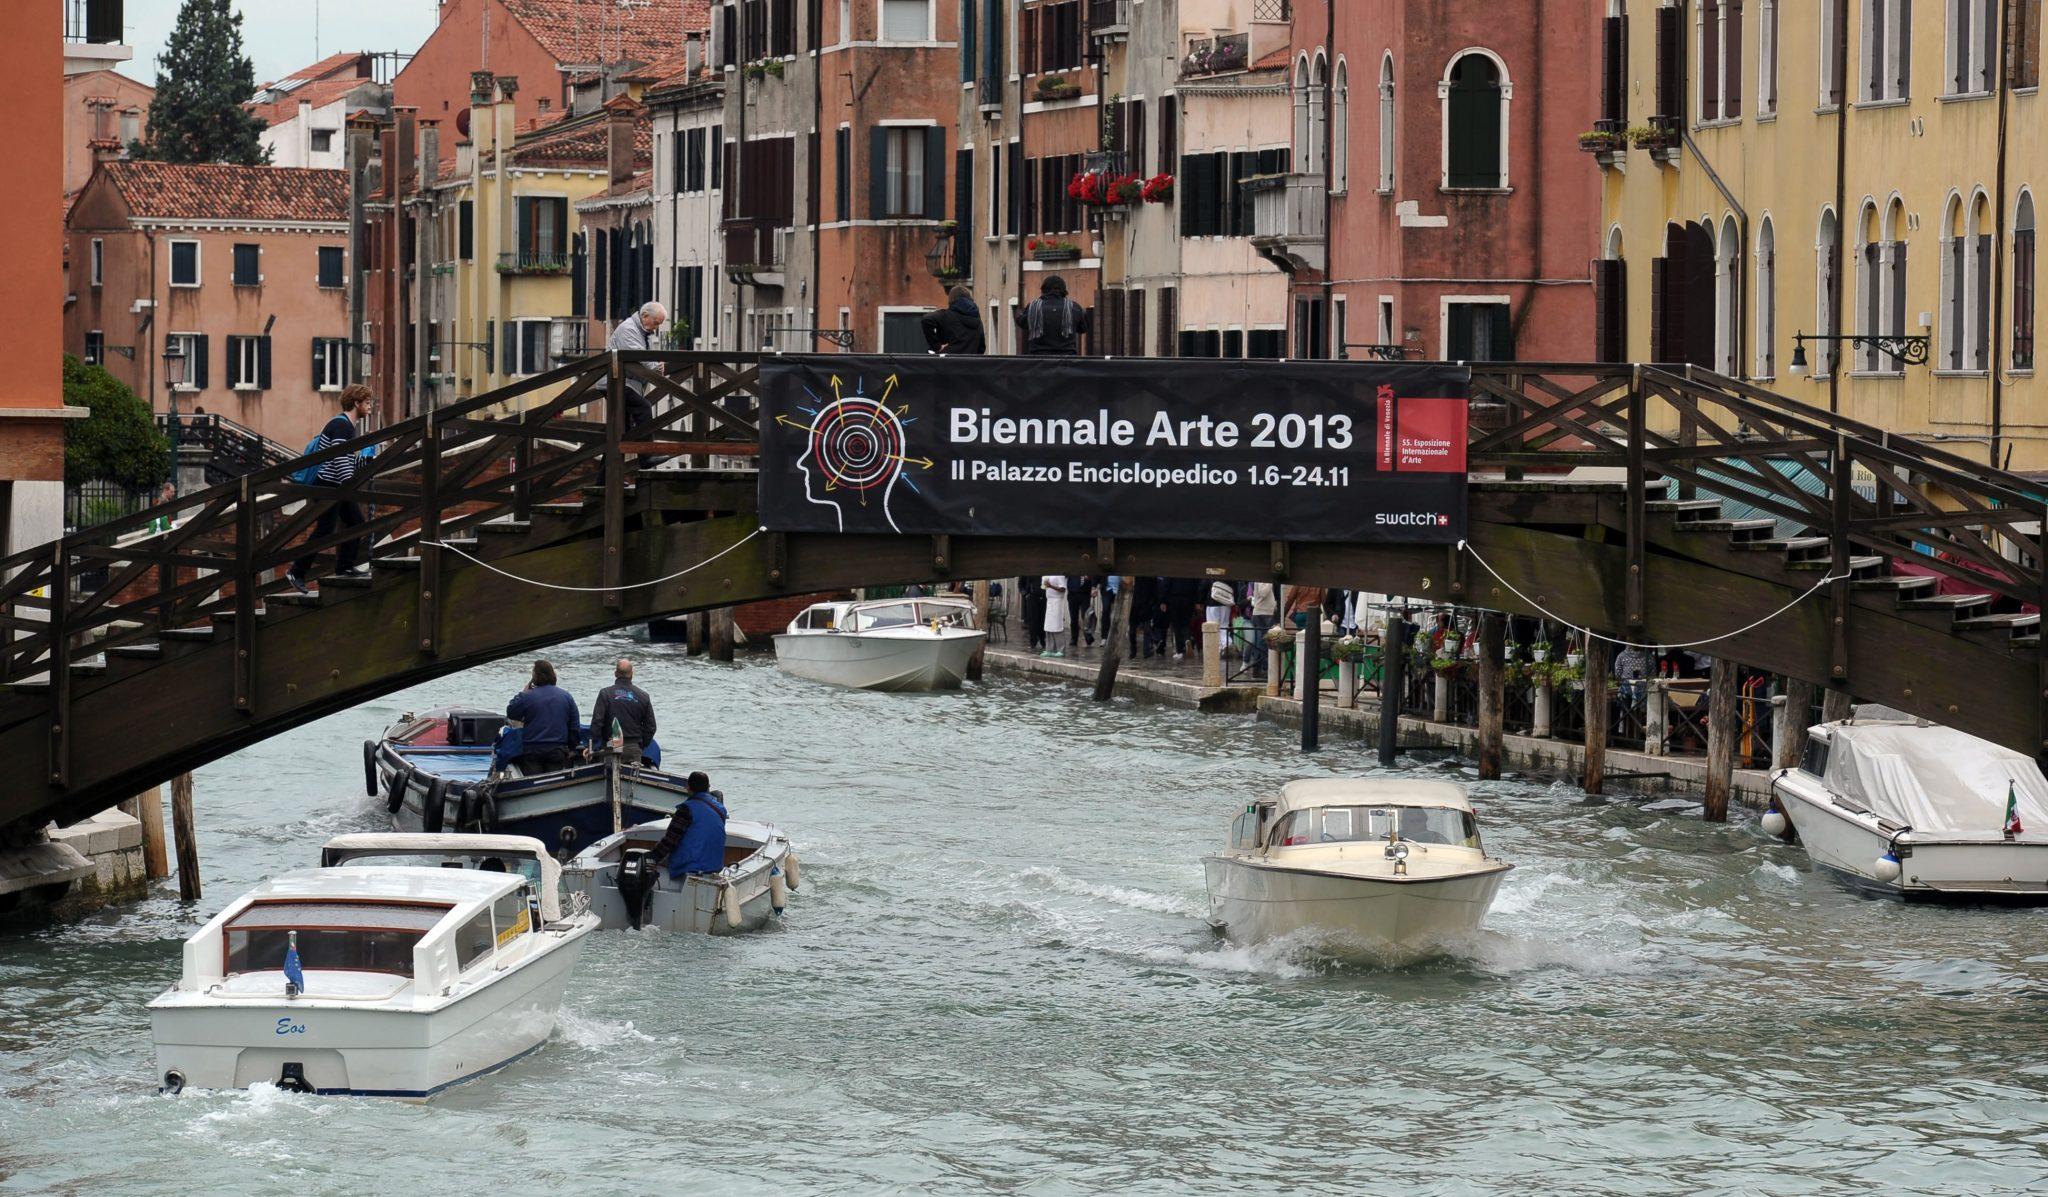 Las obras de Xul Solar en la Bienal de Venecia